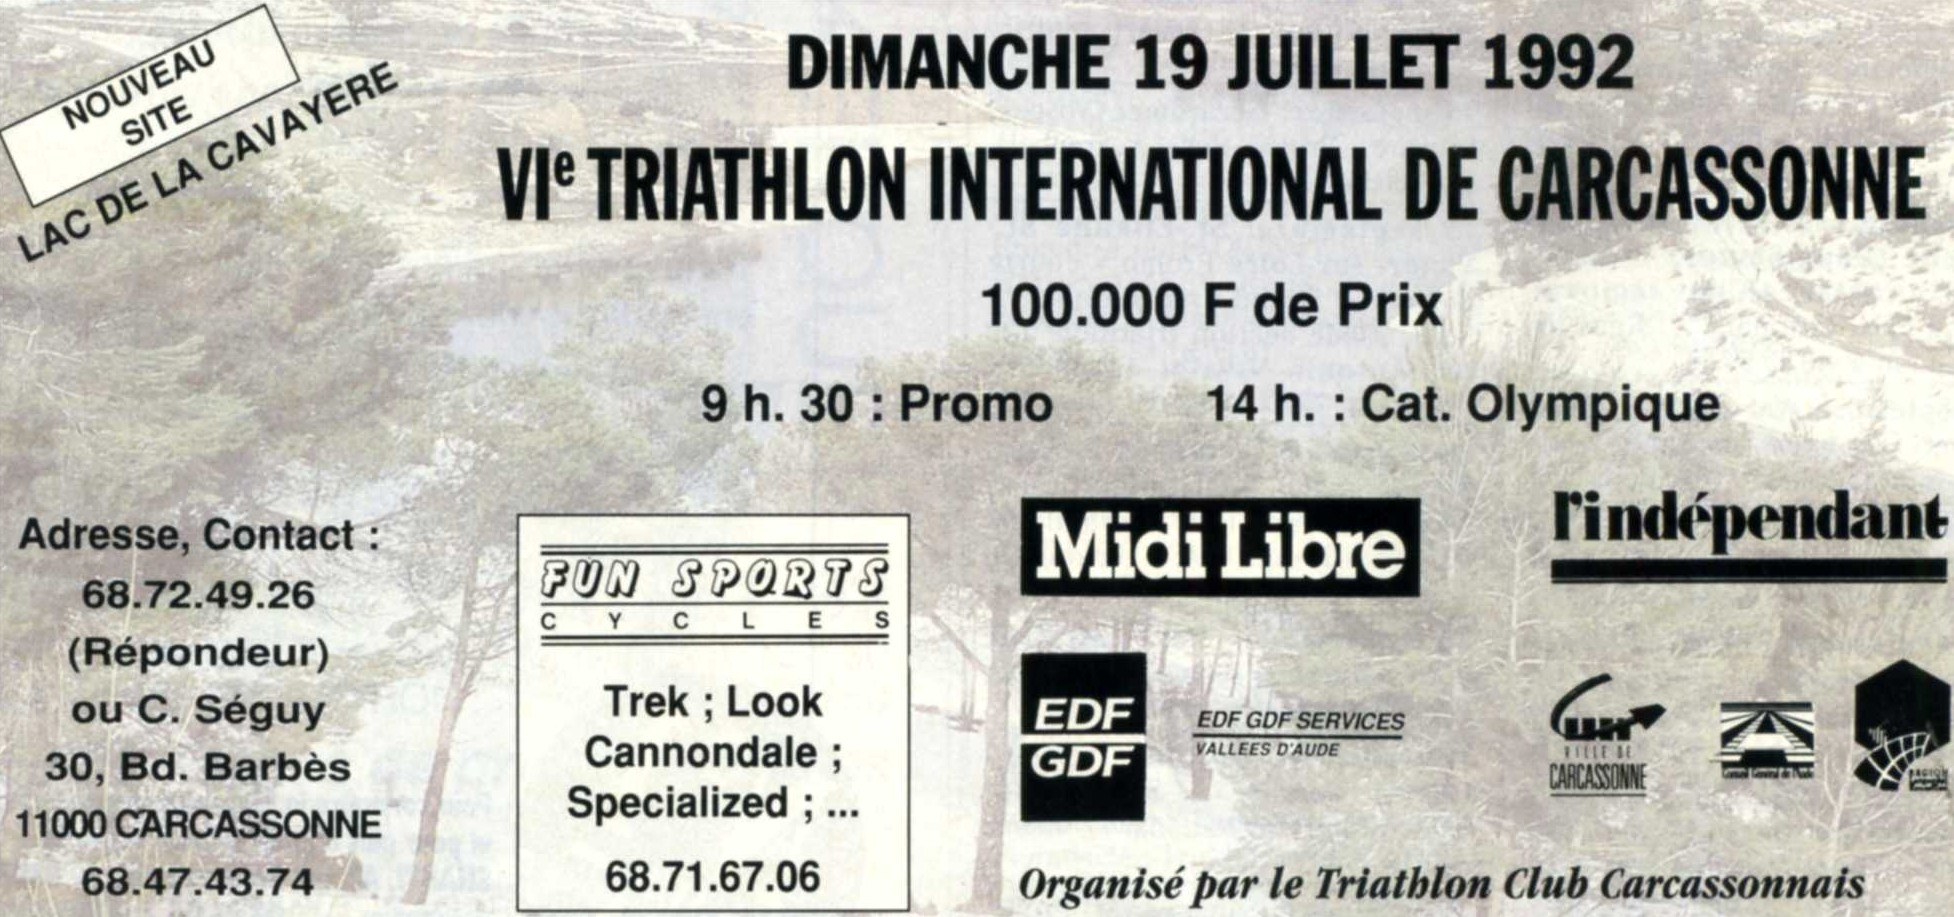 img[A]245_19-juillet-1992_carcassonne_pub